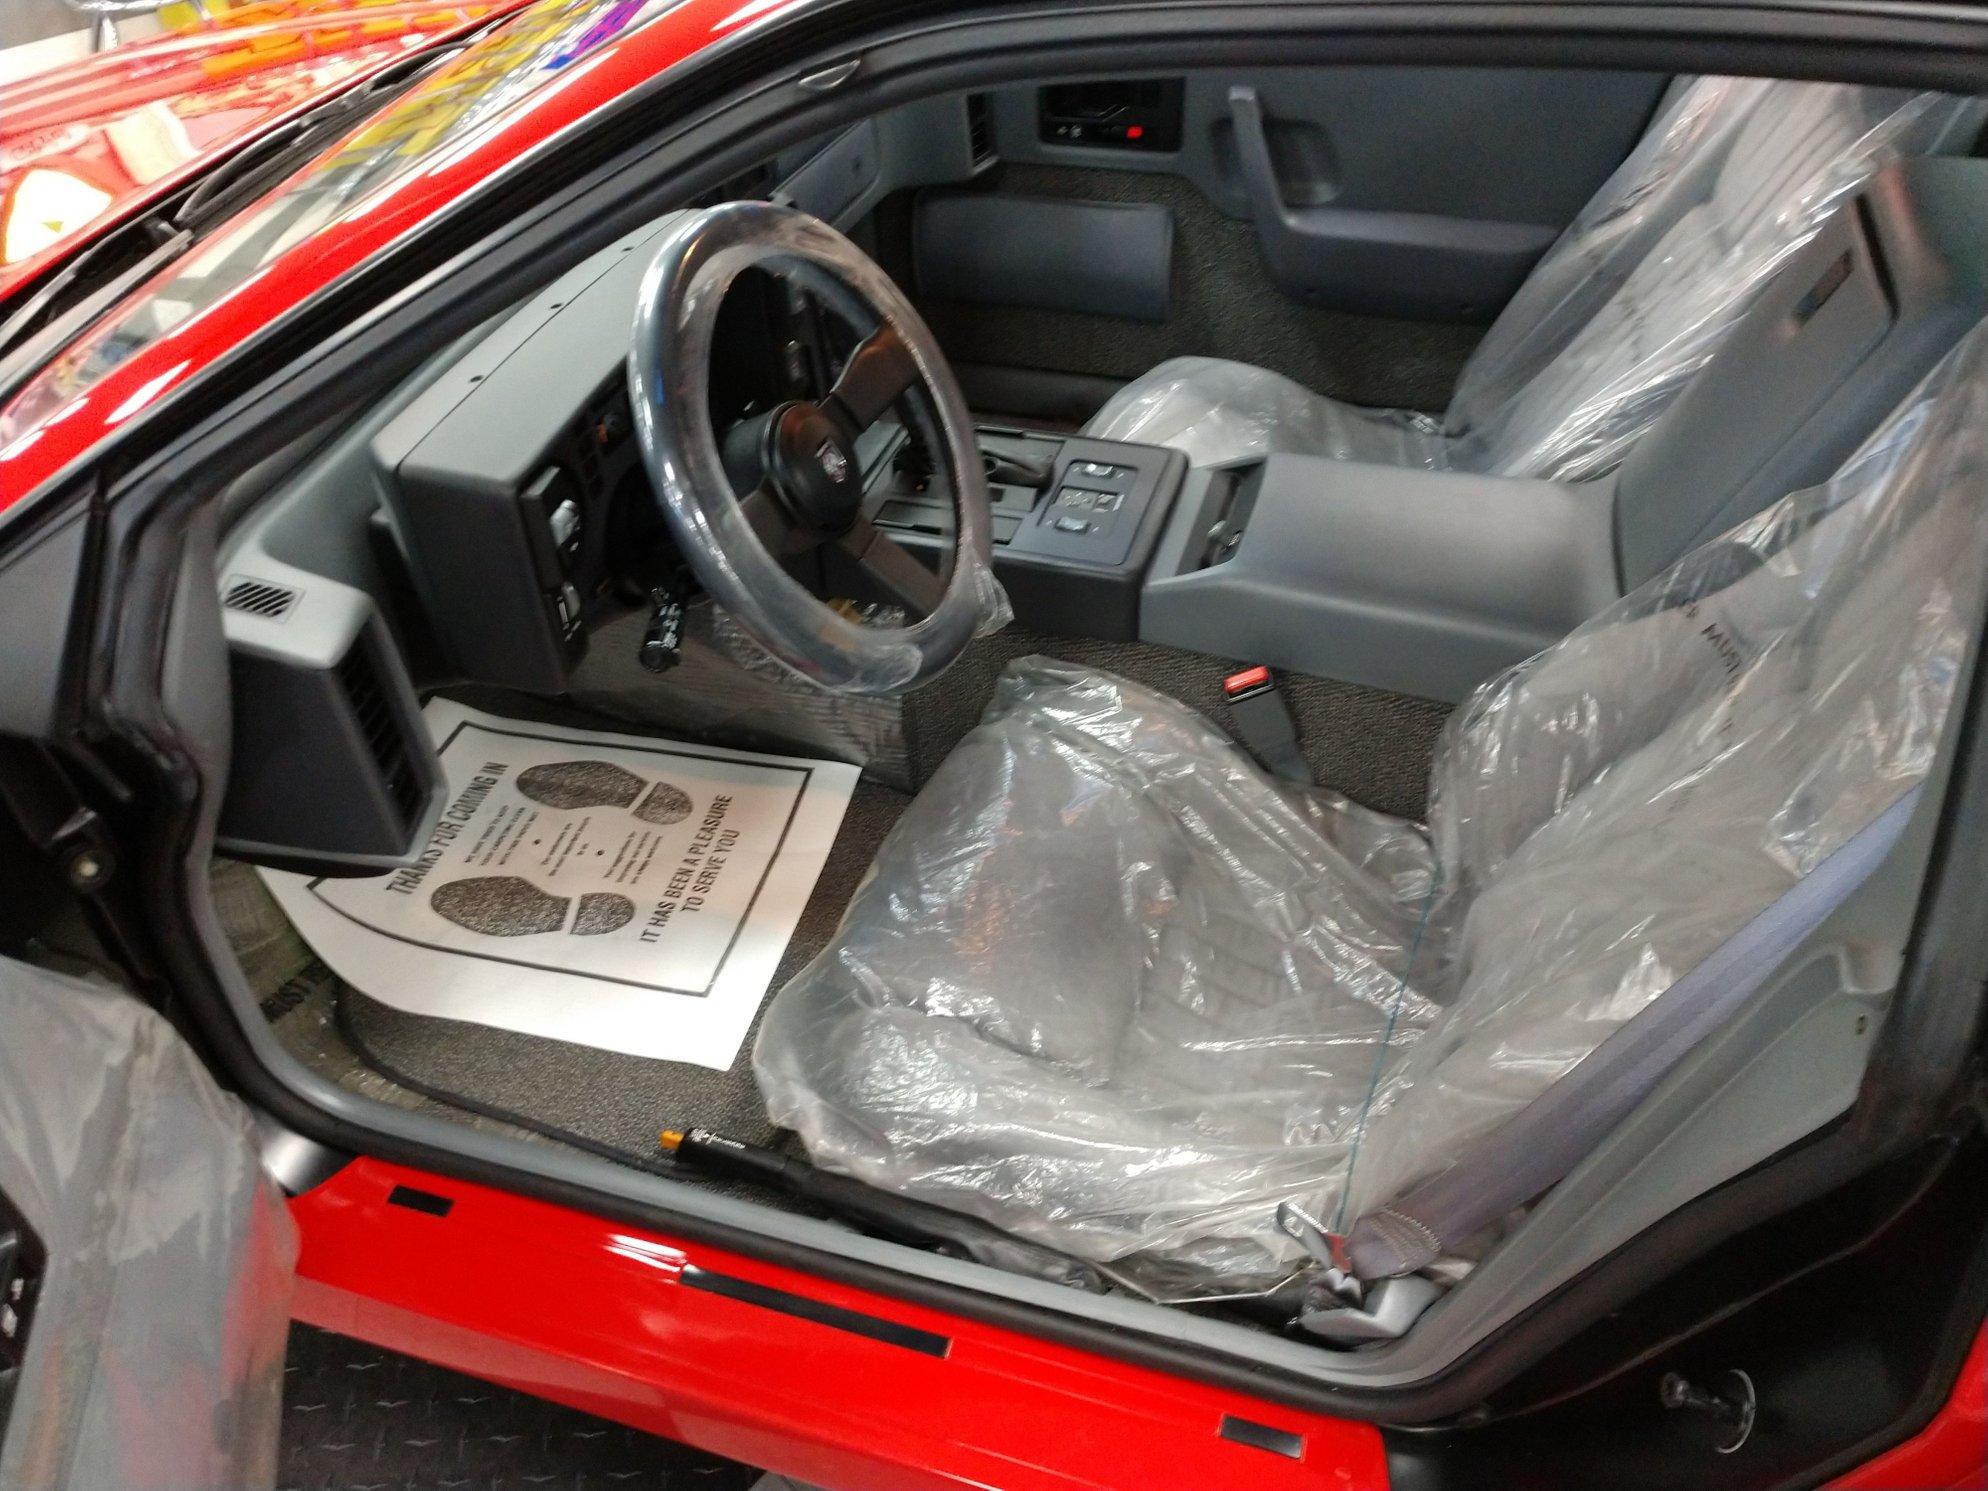 1988 pontiac fiero gt interior